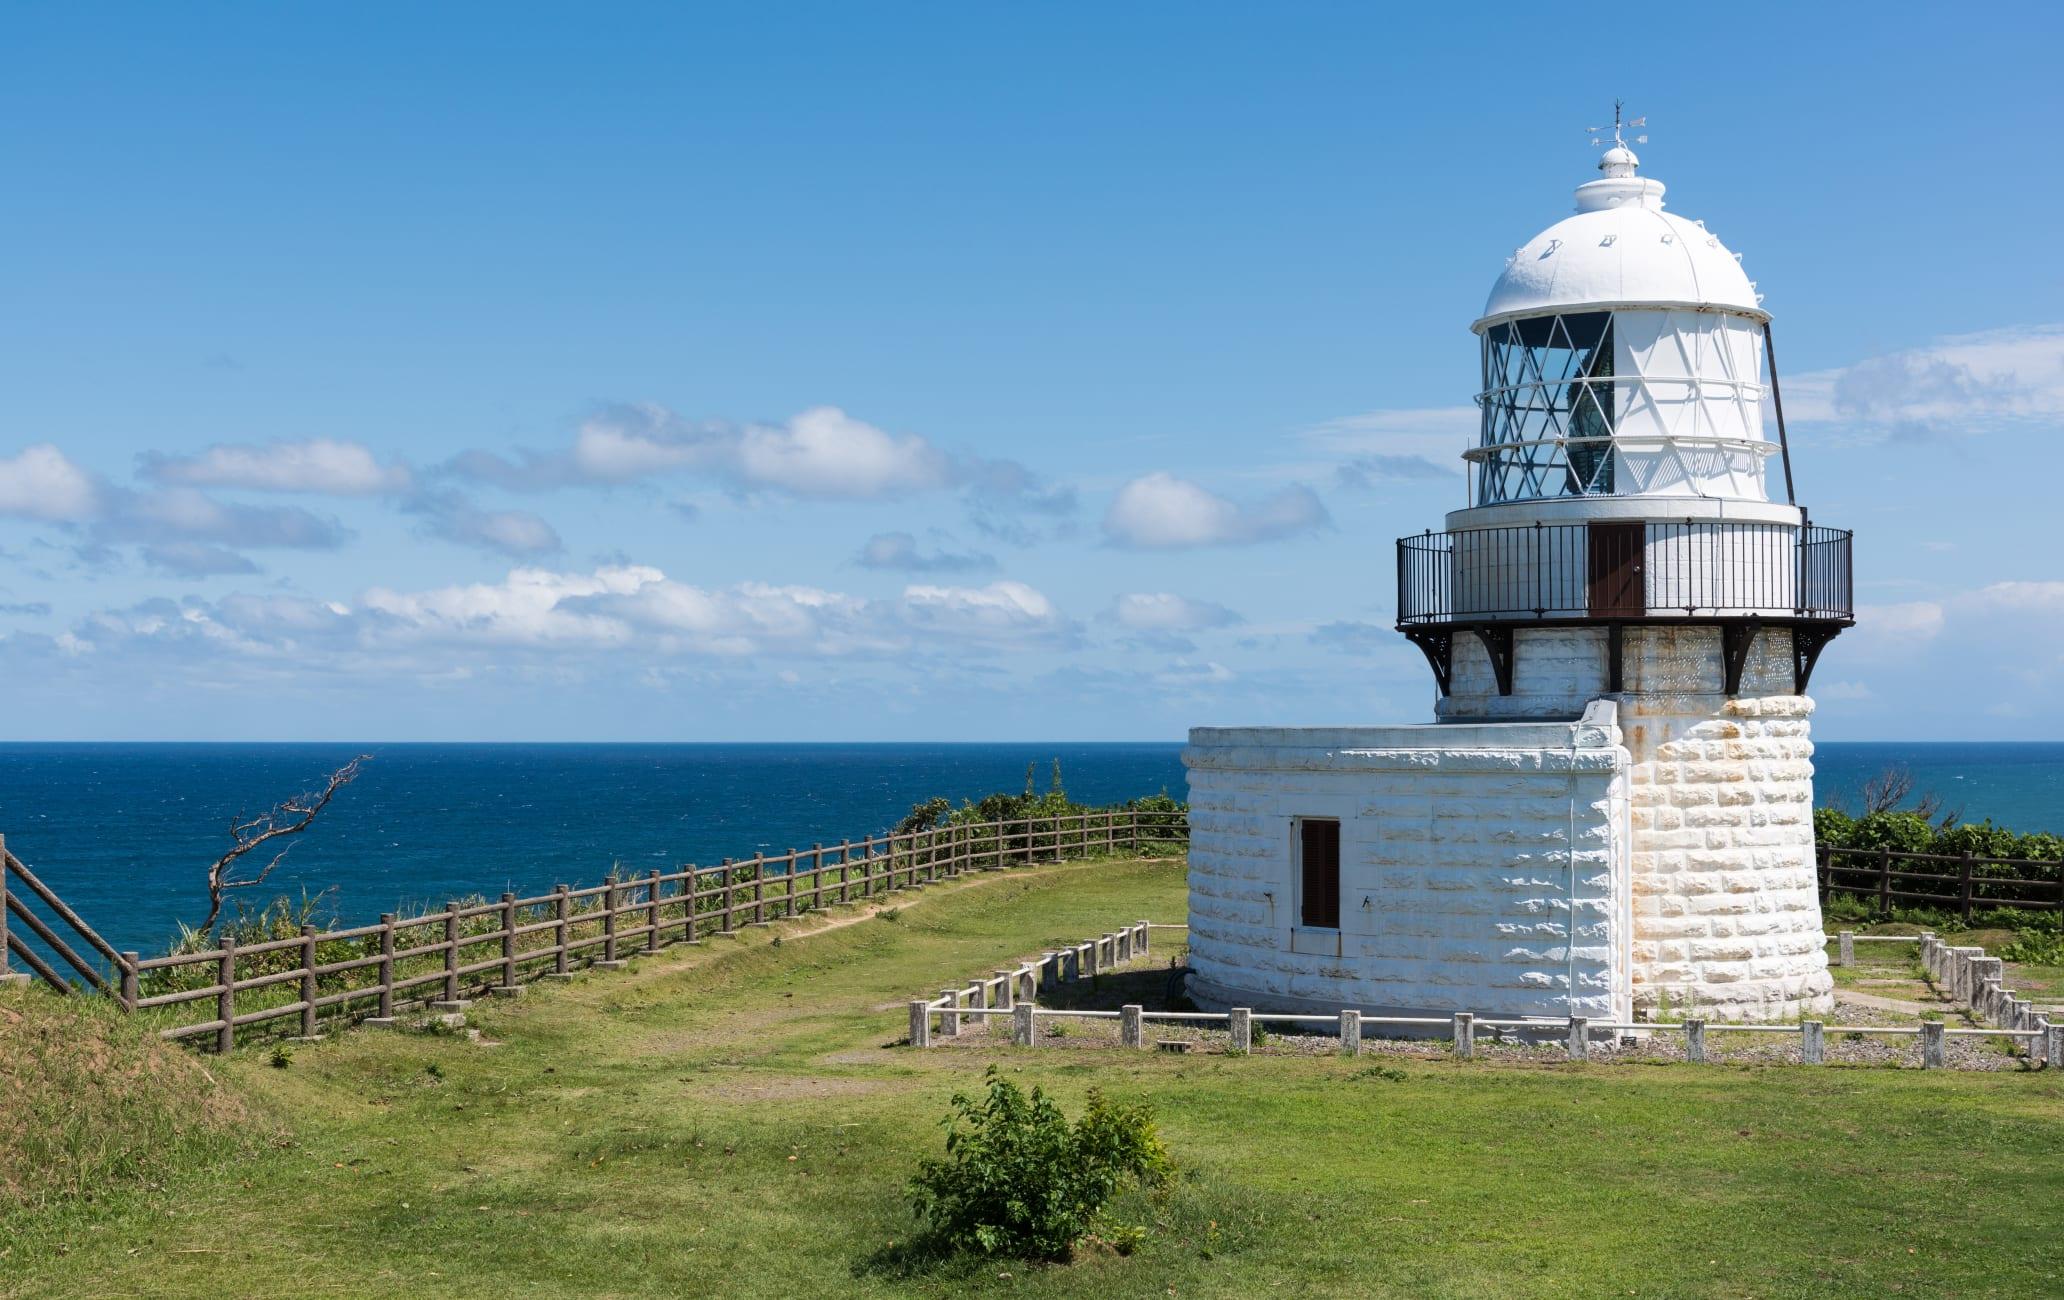 Rokkosaki Lighthouse